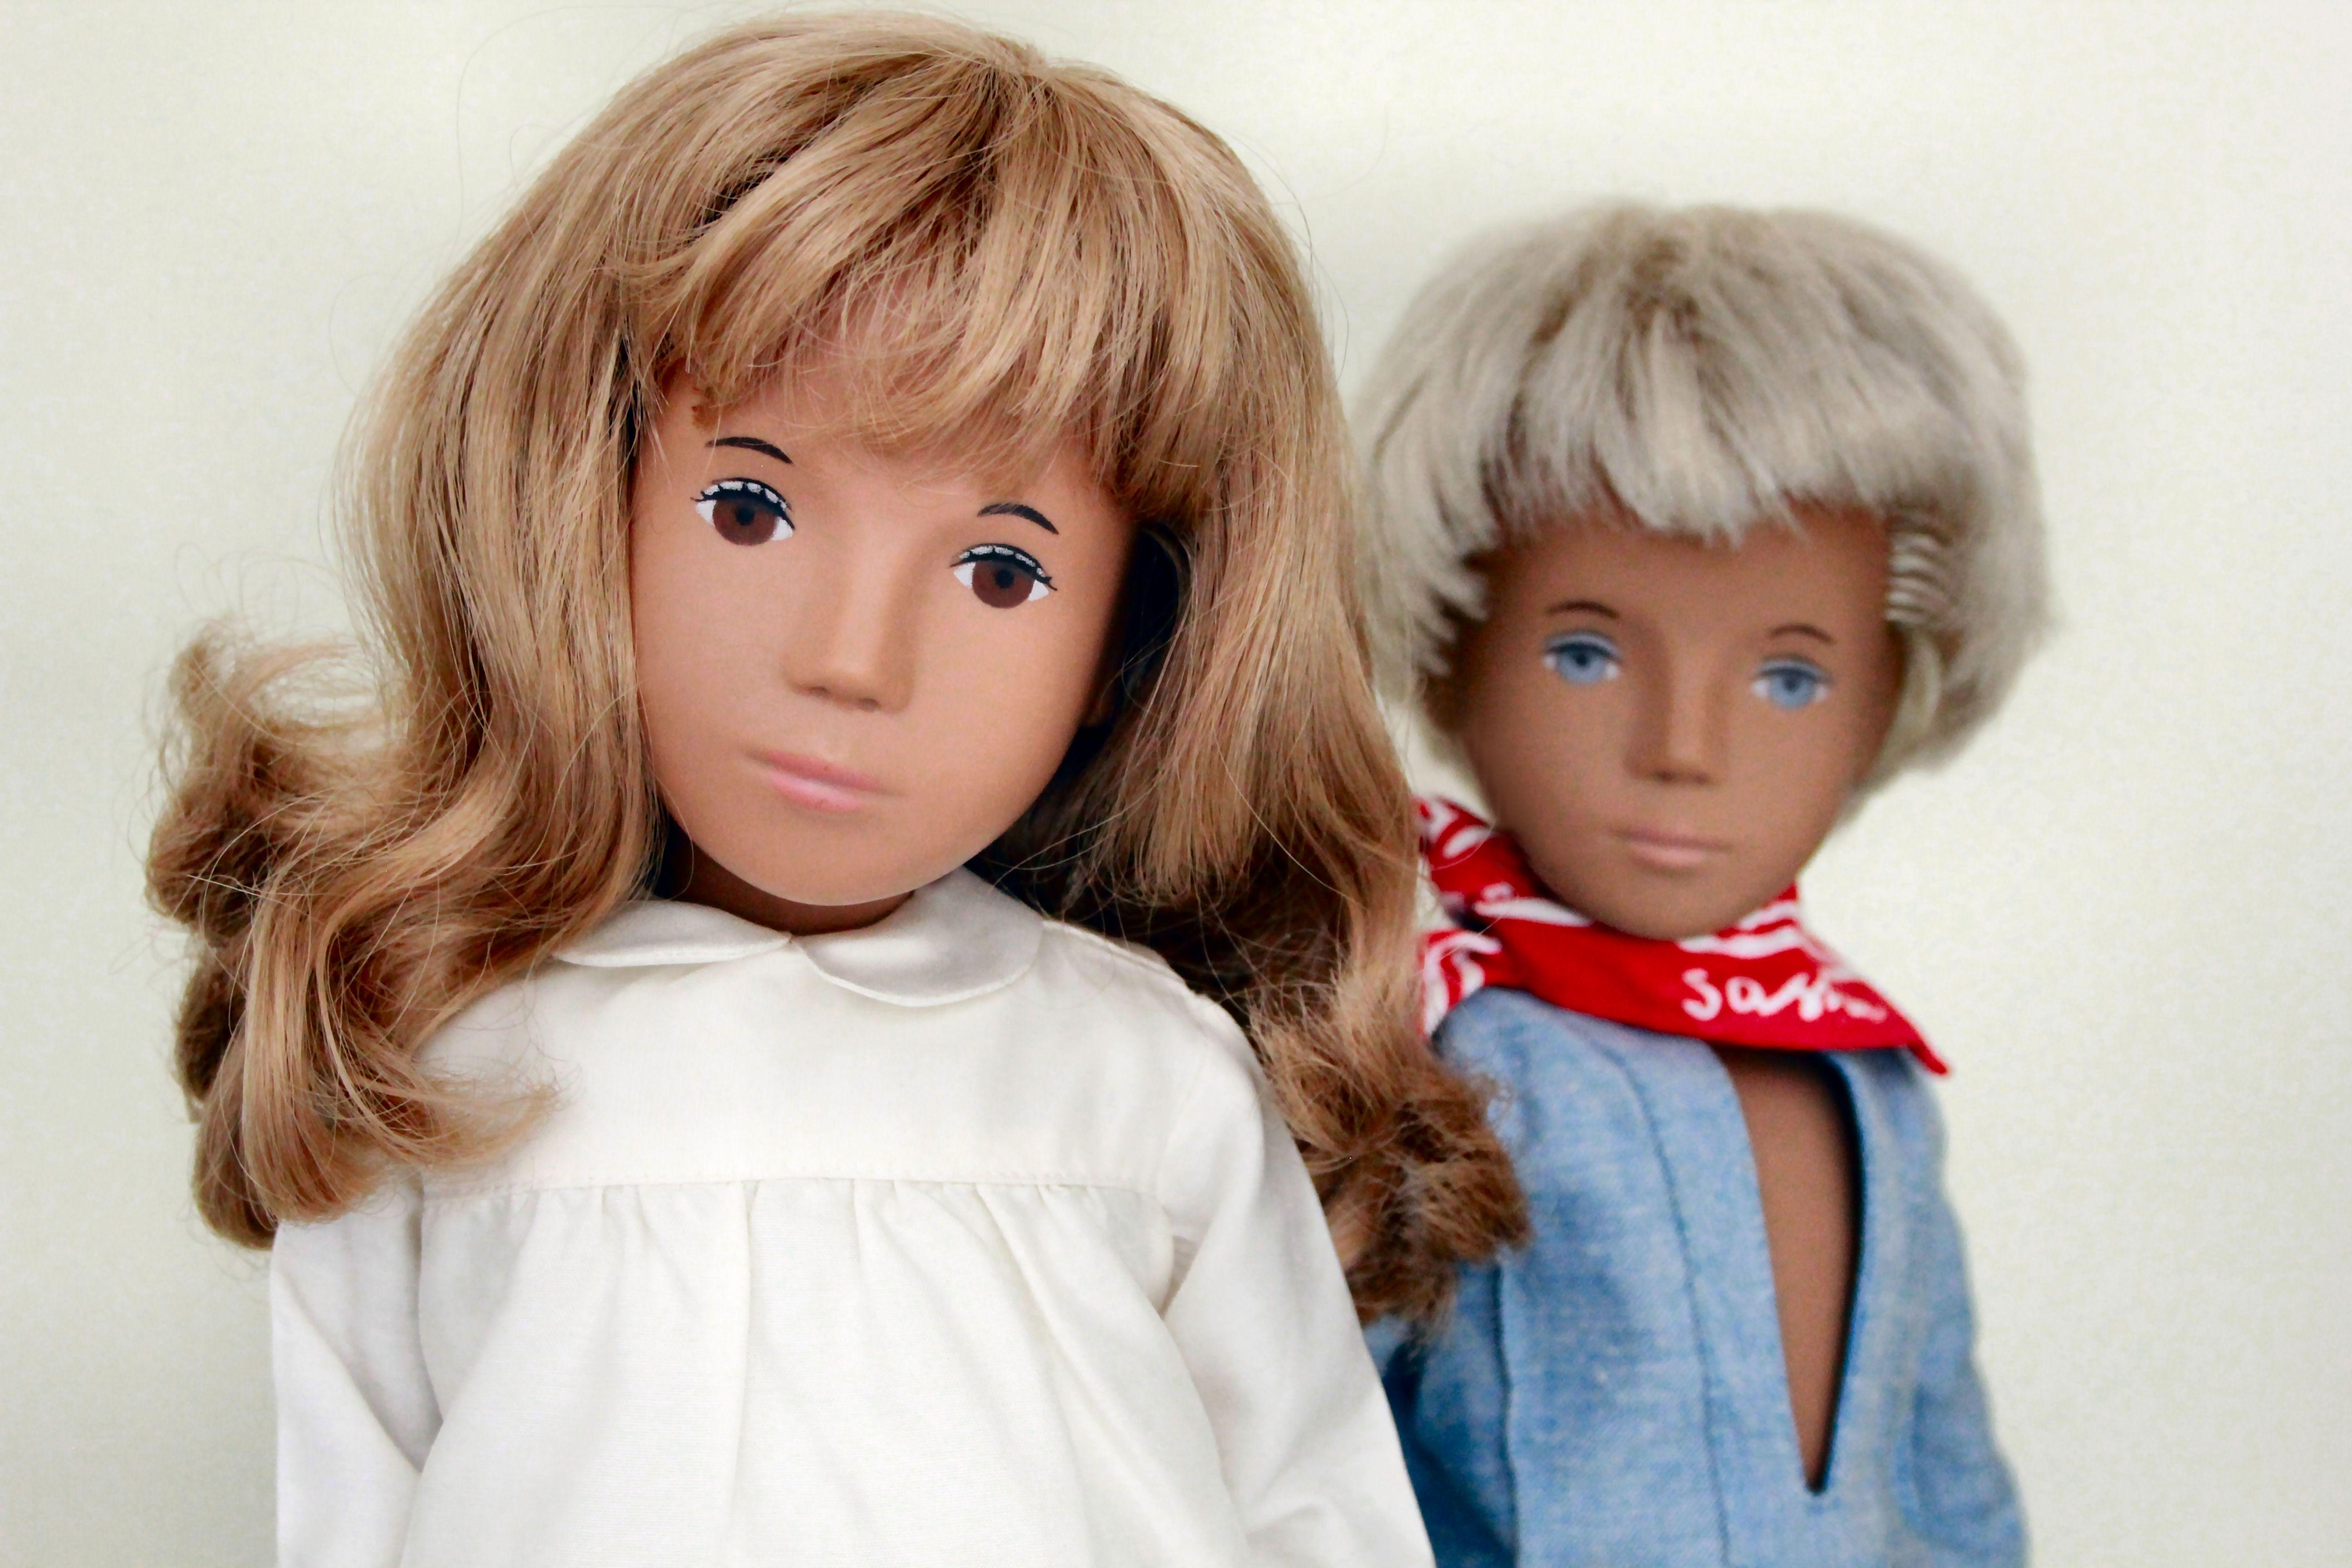 A Sasha Honey Blonde Silk Dress Doll No 101 And A Gregor Fair Blue Suit Doll No 302 United Kingdom 1974 1986 By Trendo Sasha Doll Dolls Handmade Dolls